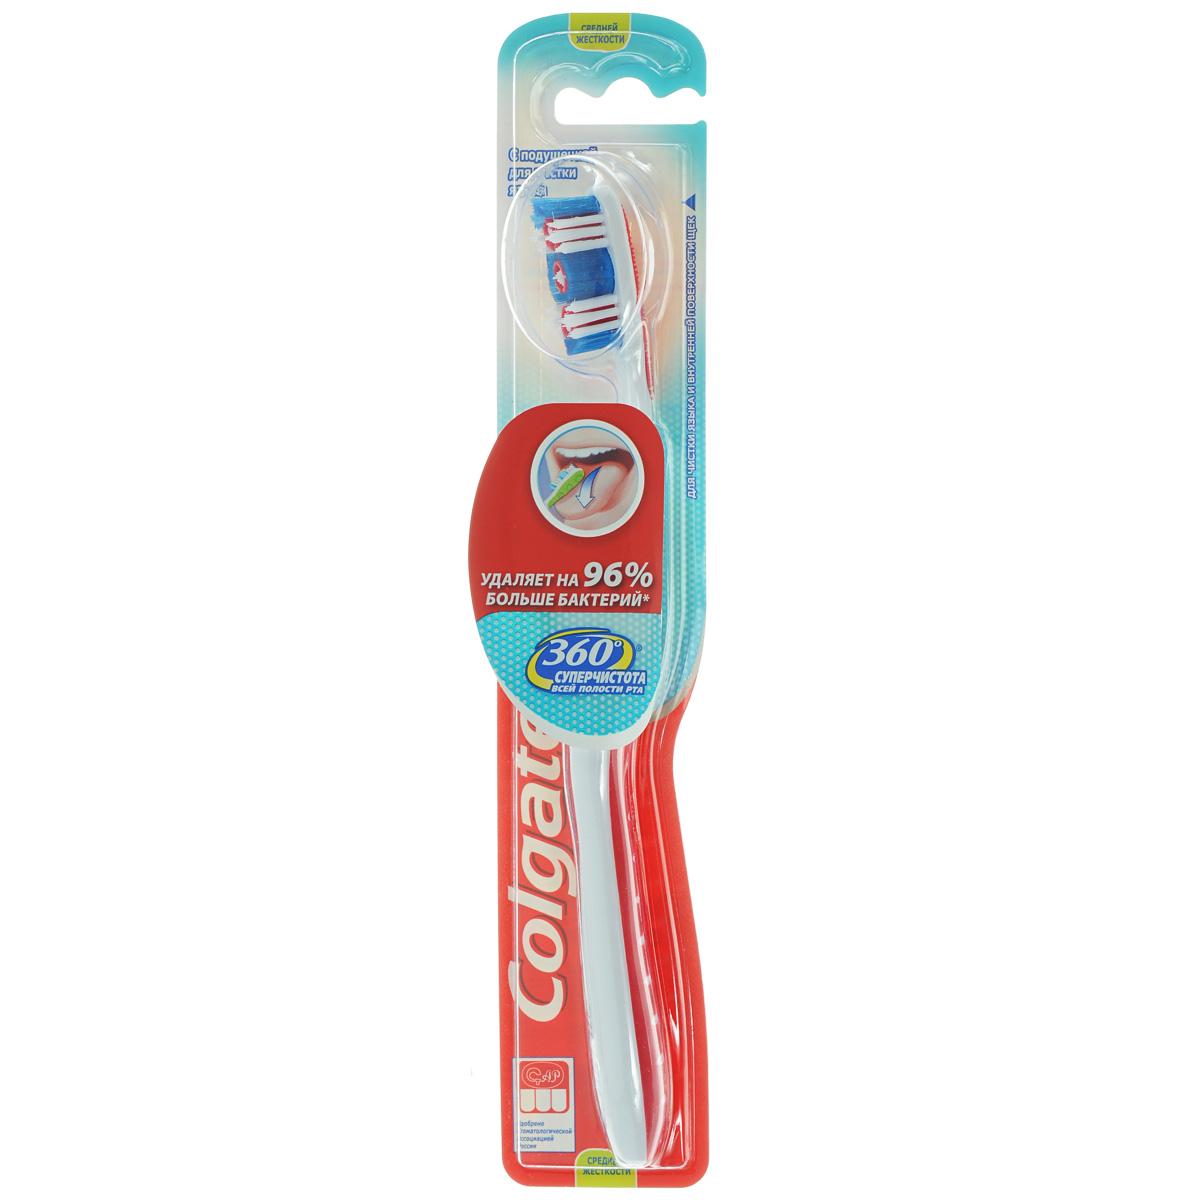 Colgate Зубная щетка 360. Суперчистота всей полости рта, средней жесткости цвет красный